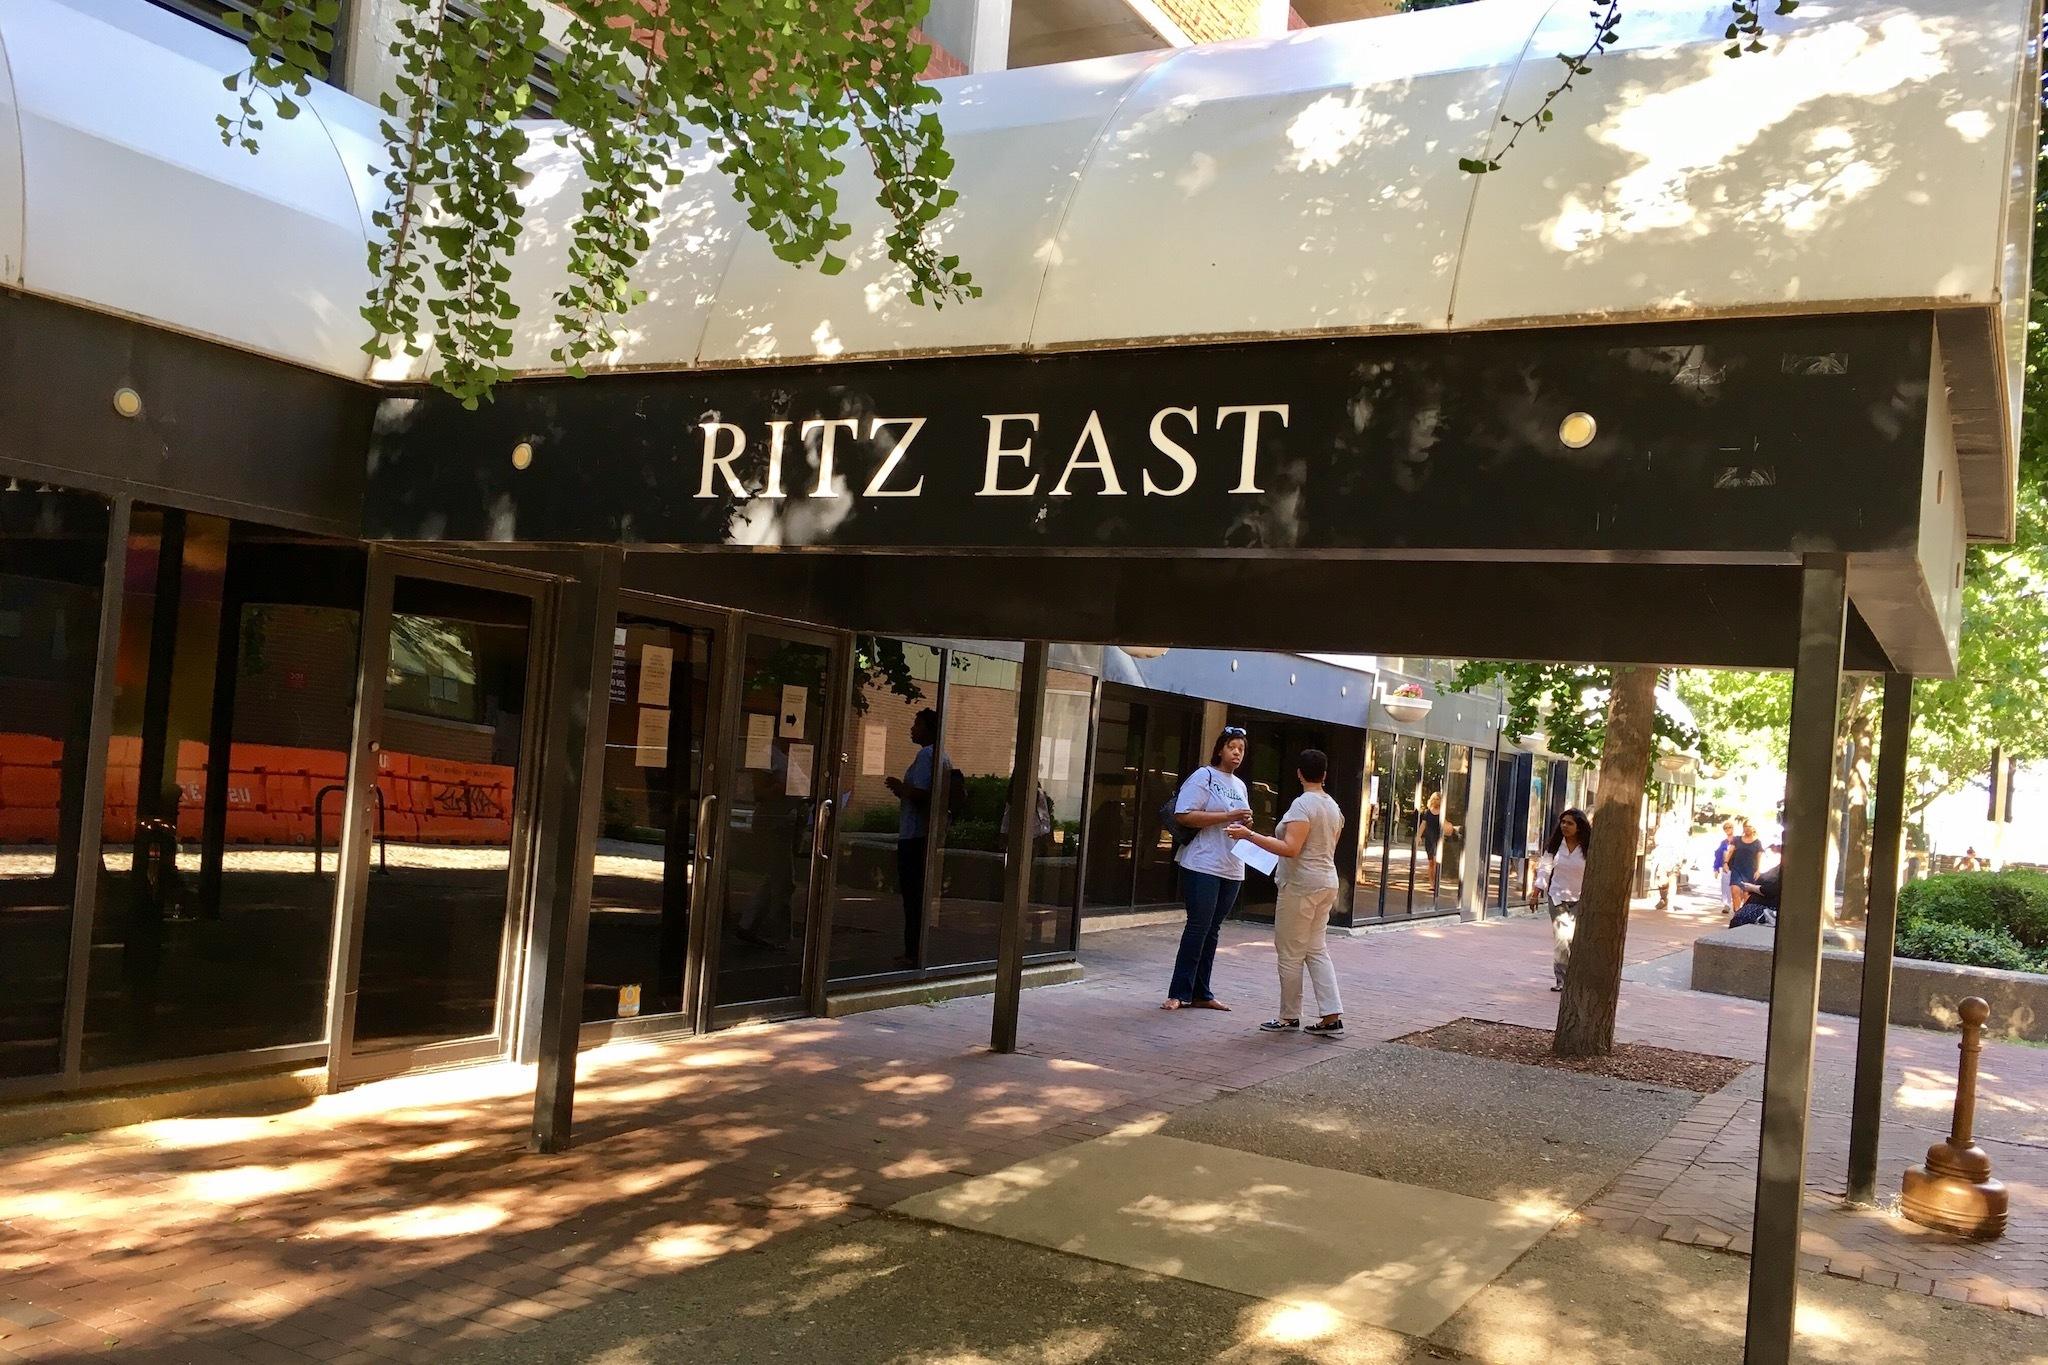 Ritz East